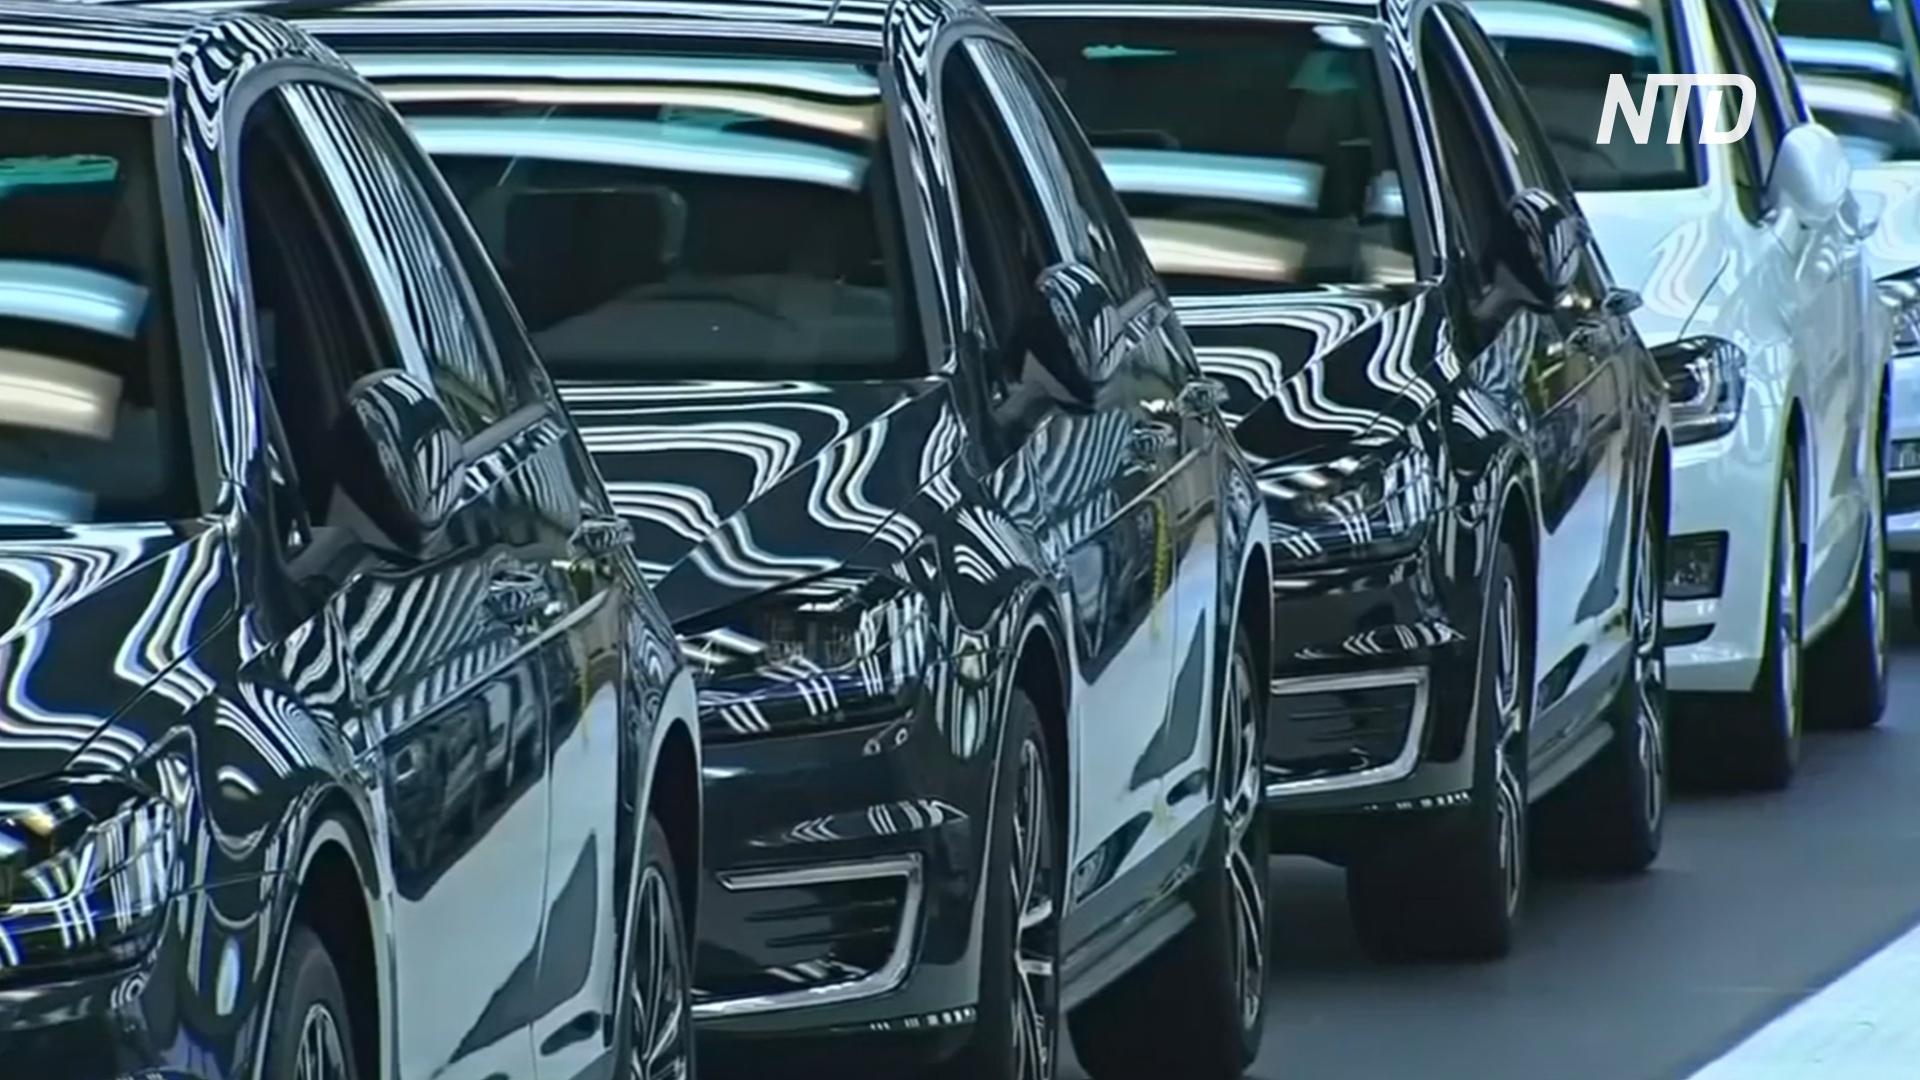 Автомобильная ассоциация Германии обратилась к властям за поддержкой